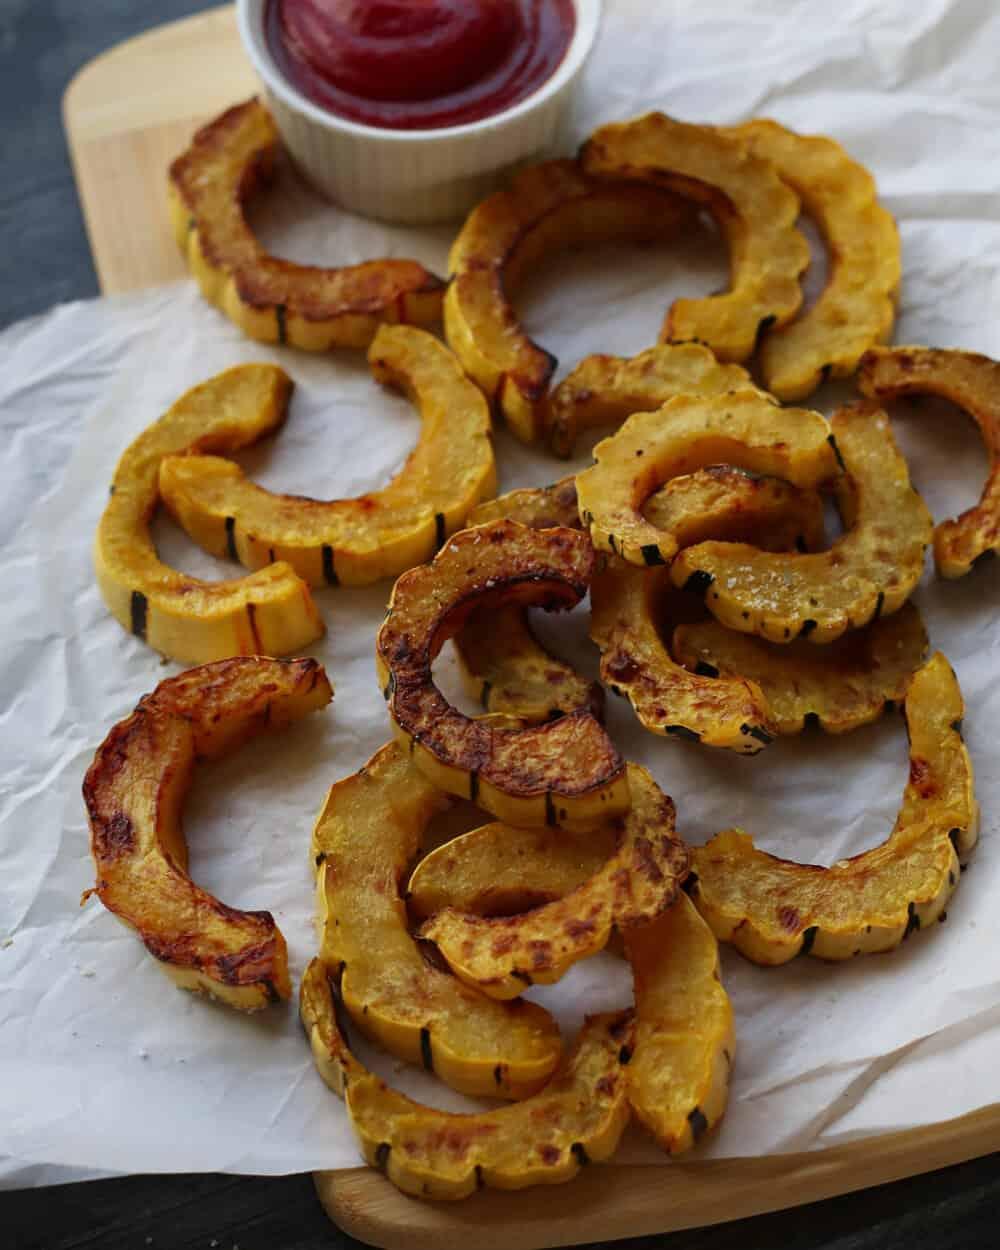 DELICATA SQUASH FRIES - INGREDIENTS1 delicata squashavocado oil spraysalt + pepper